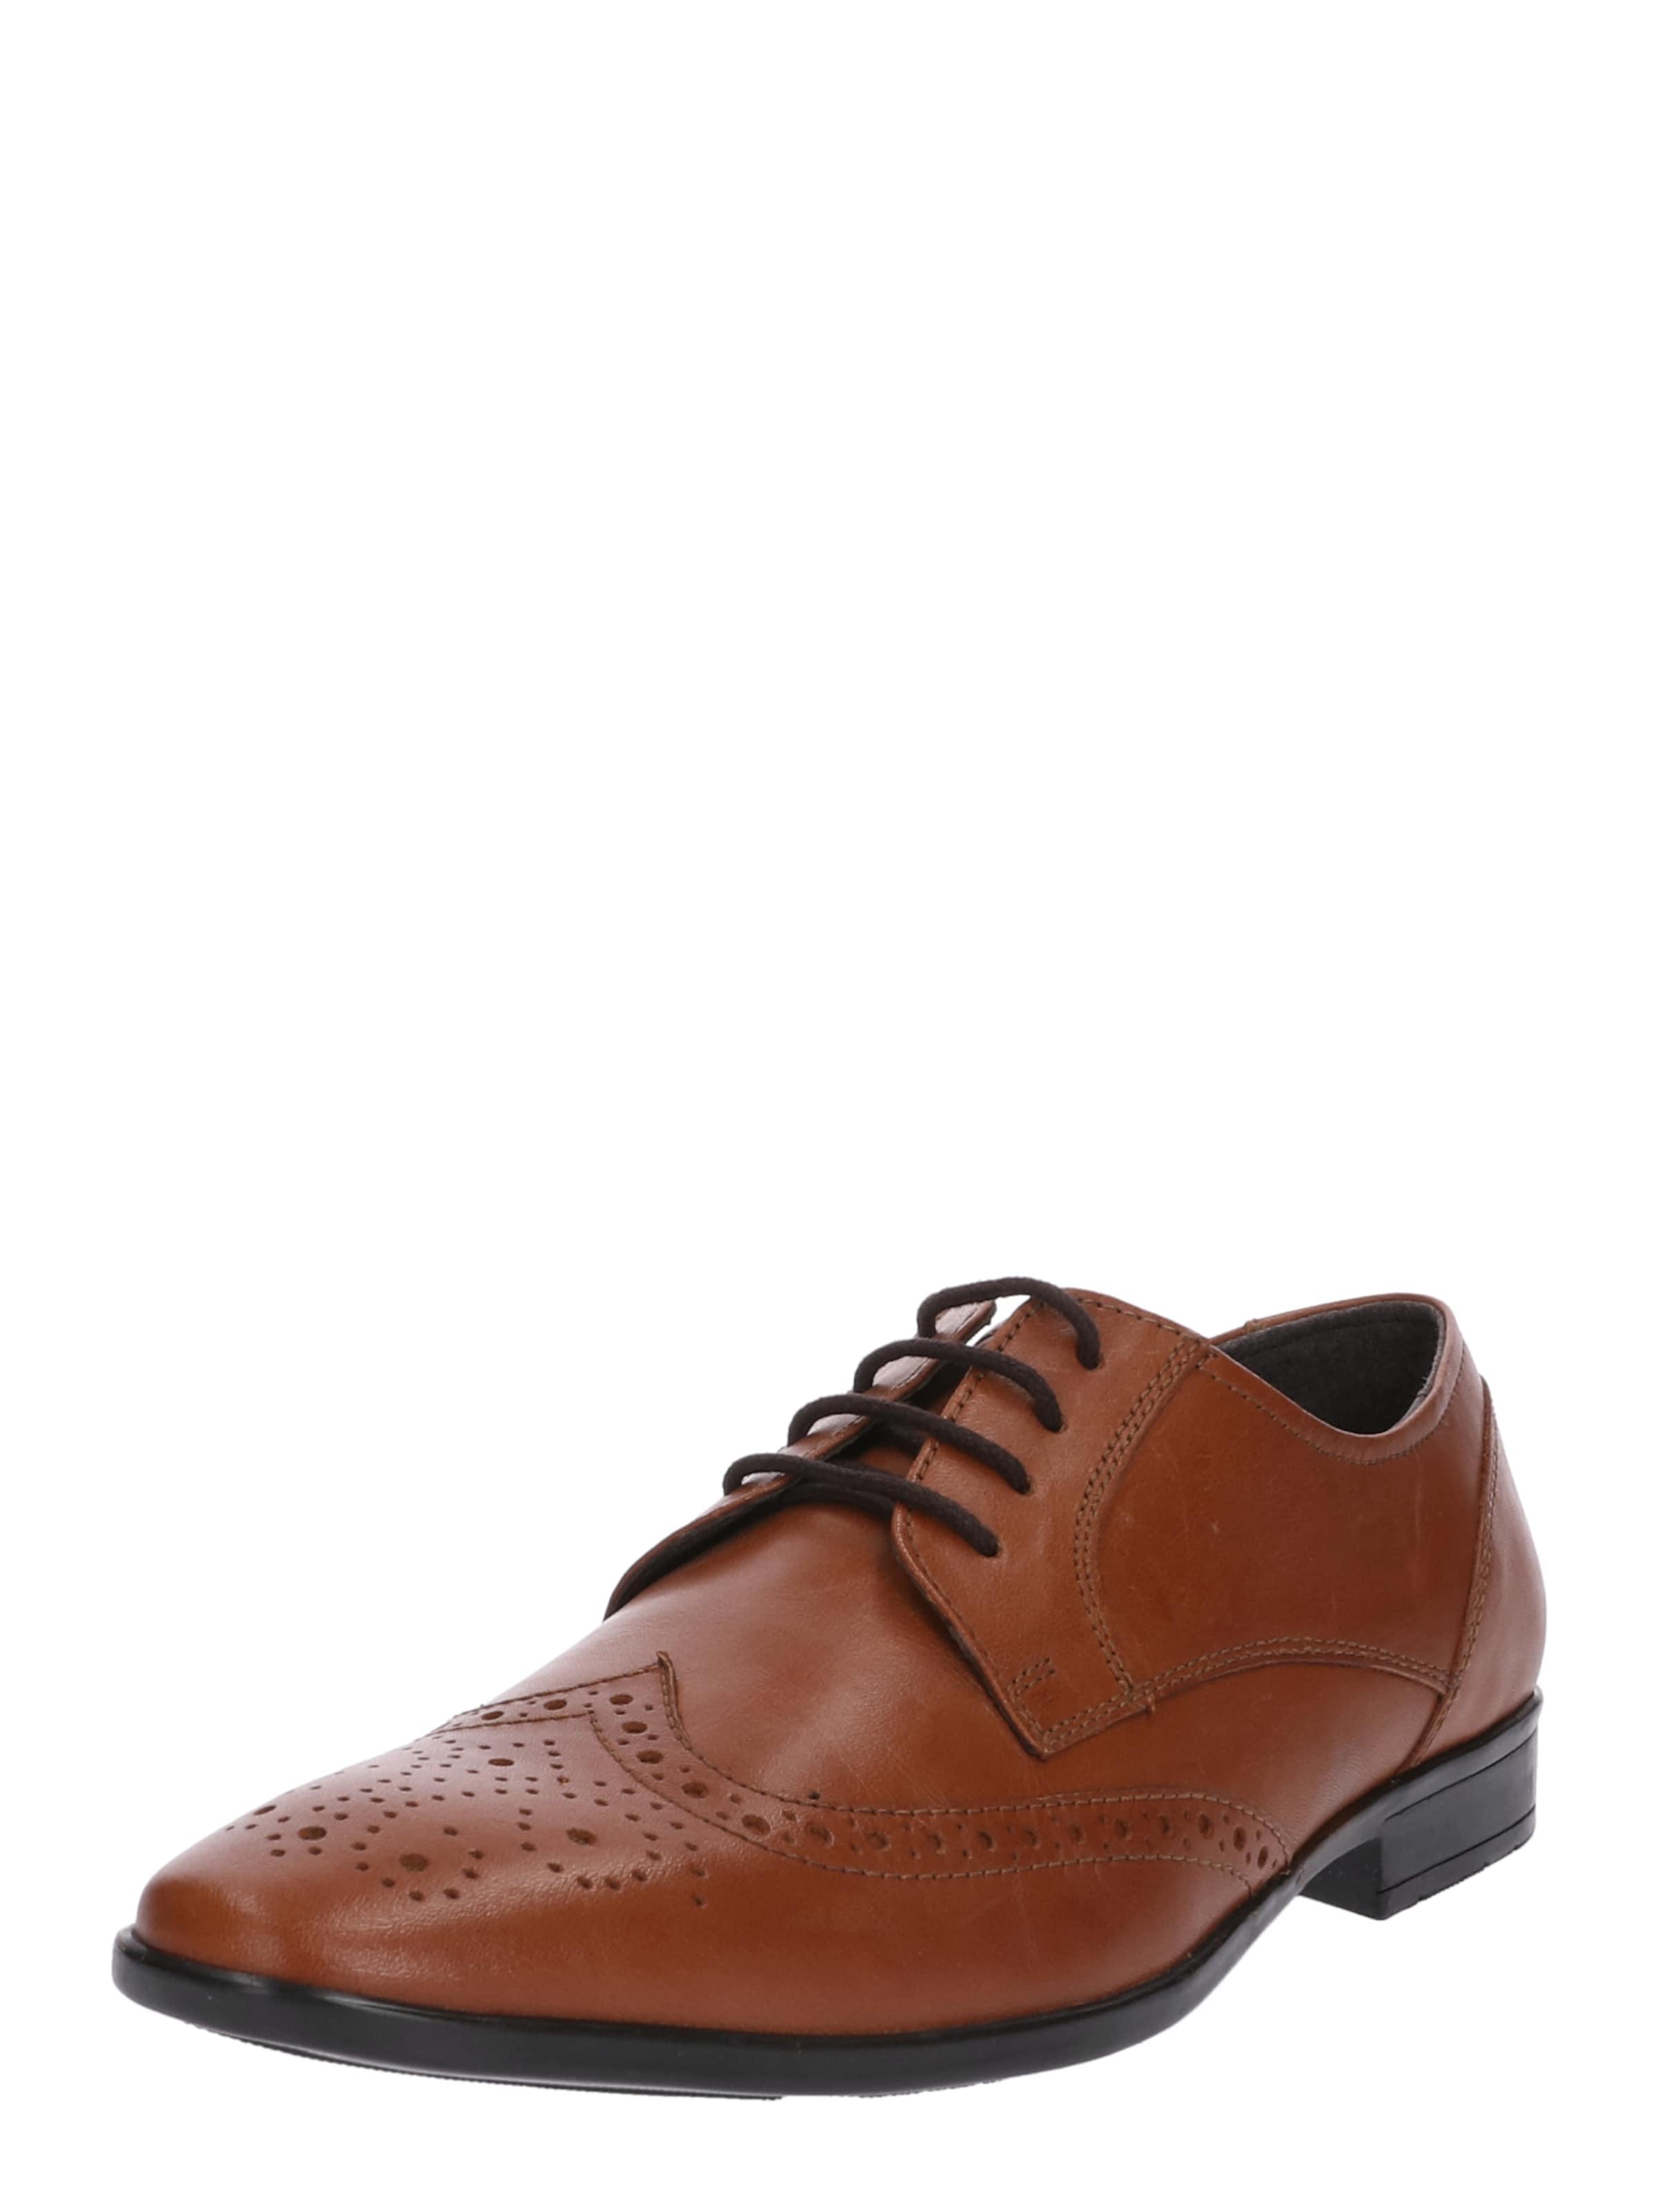 En Chaussure Pier À Cognac One Lacets N0wknZP8OX